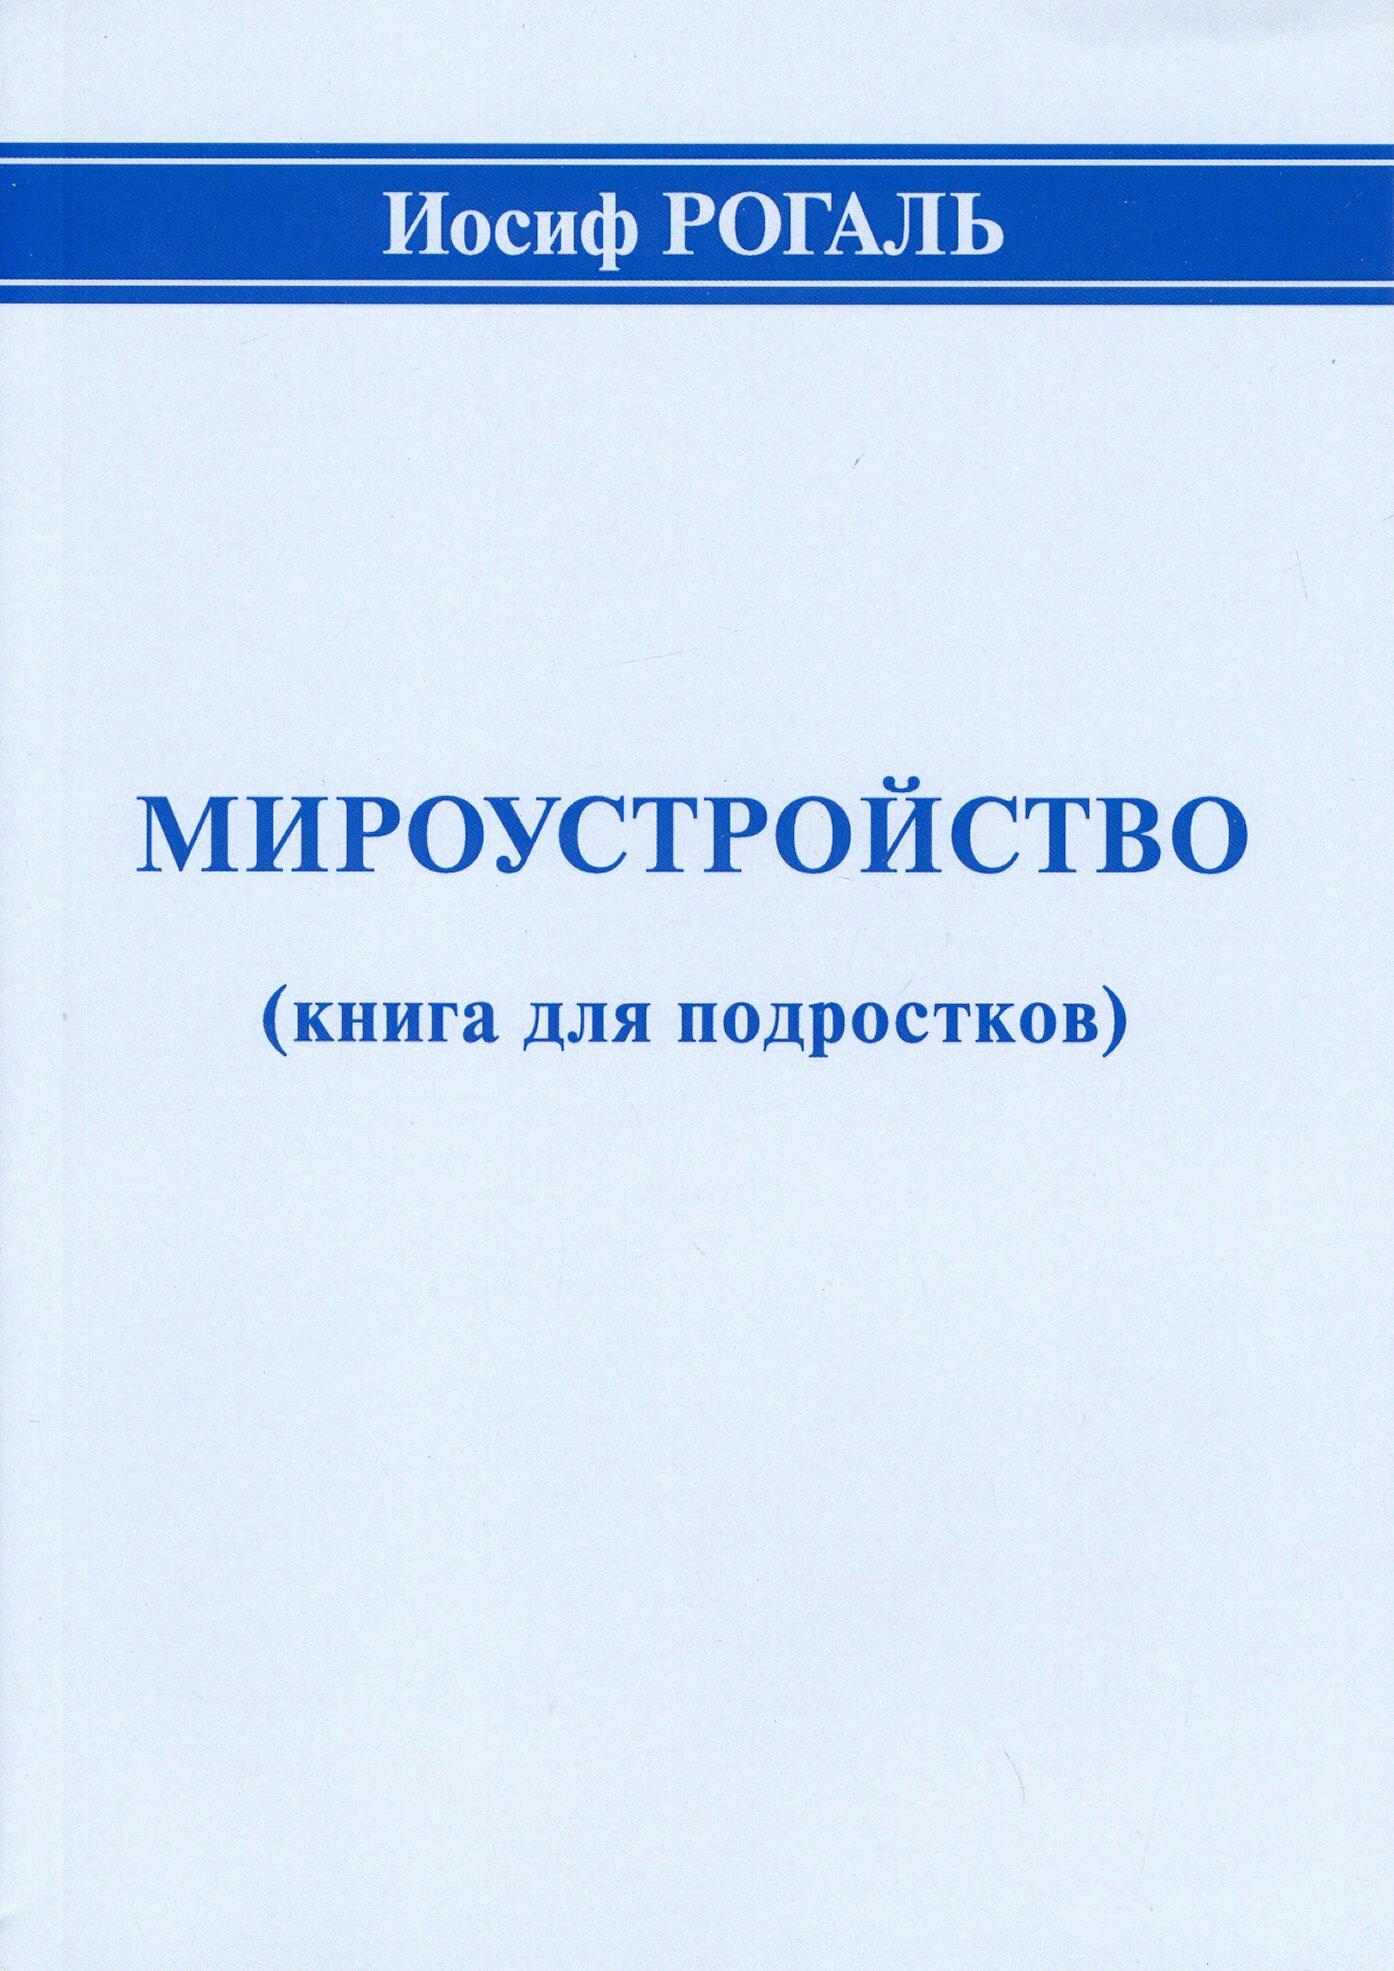 """Иосиф Рогаль """"мироустройство (книга для подростков)"""""""